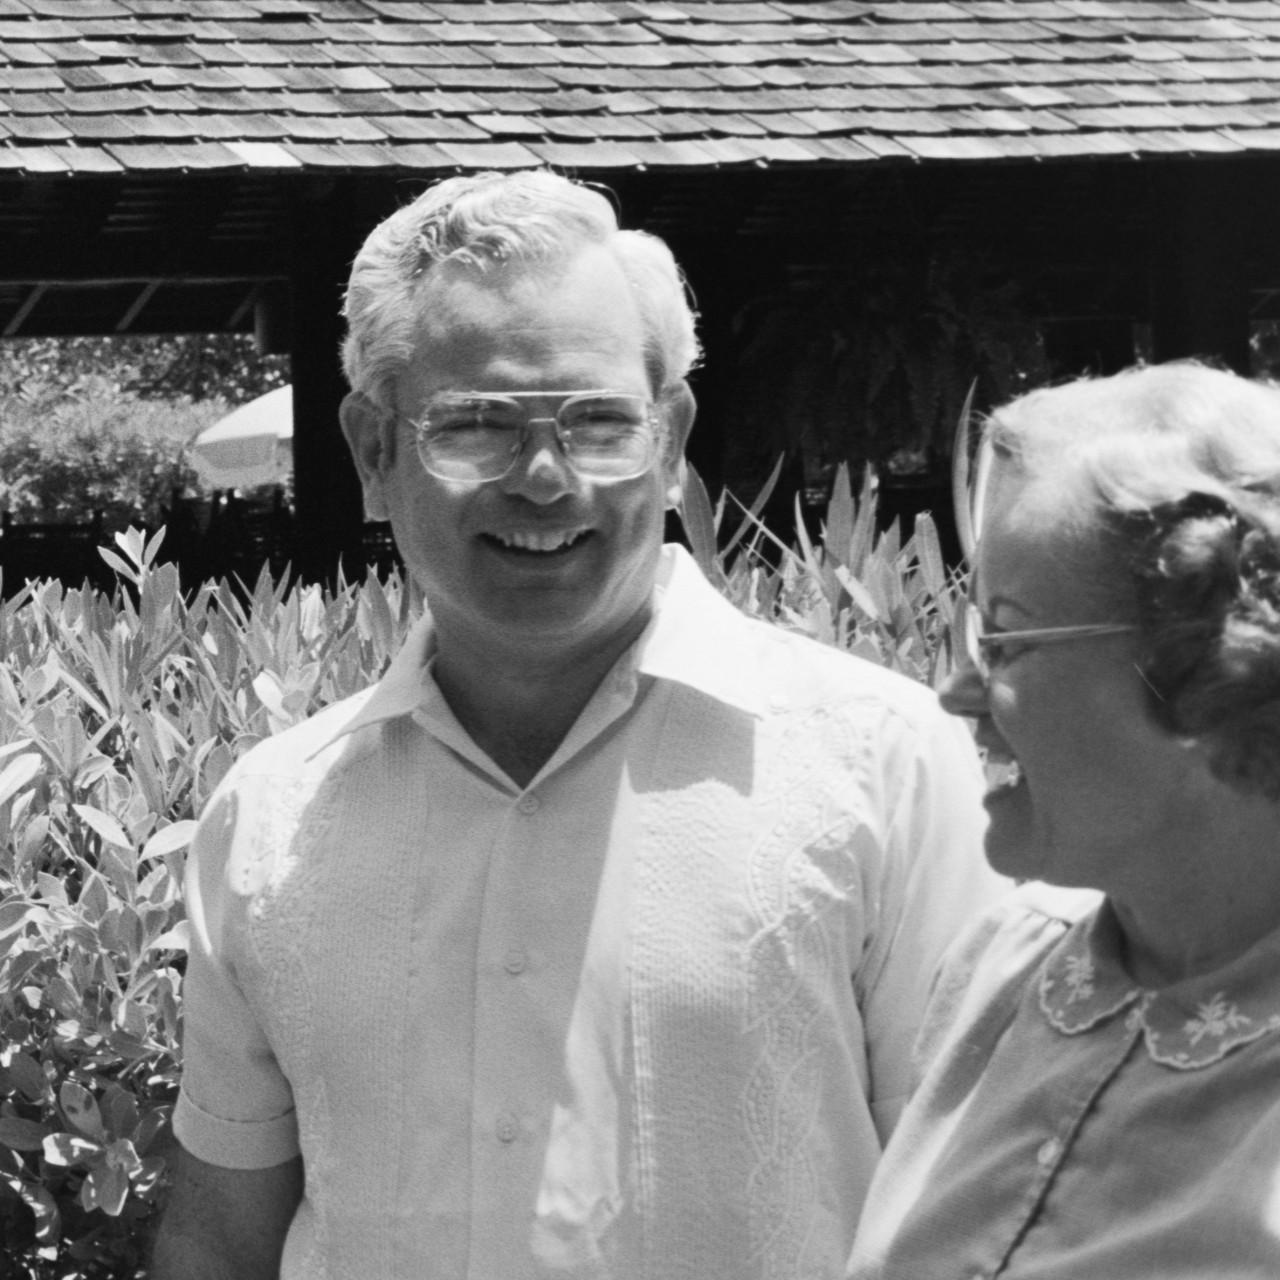 Kammerdiener leaves legacy of service to missions